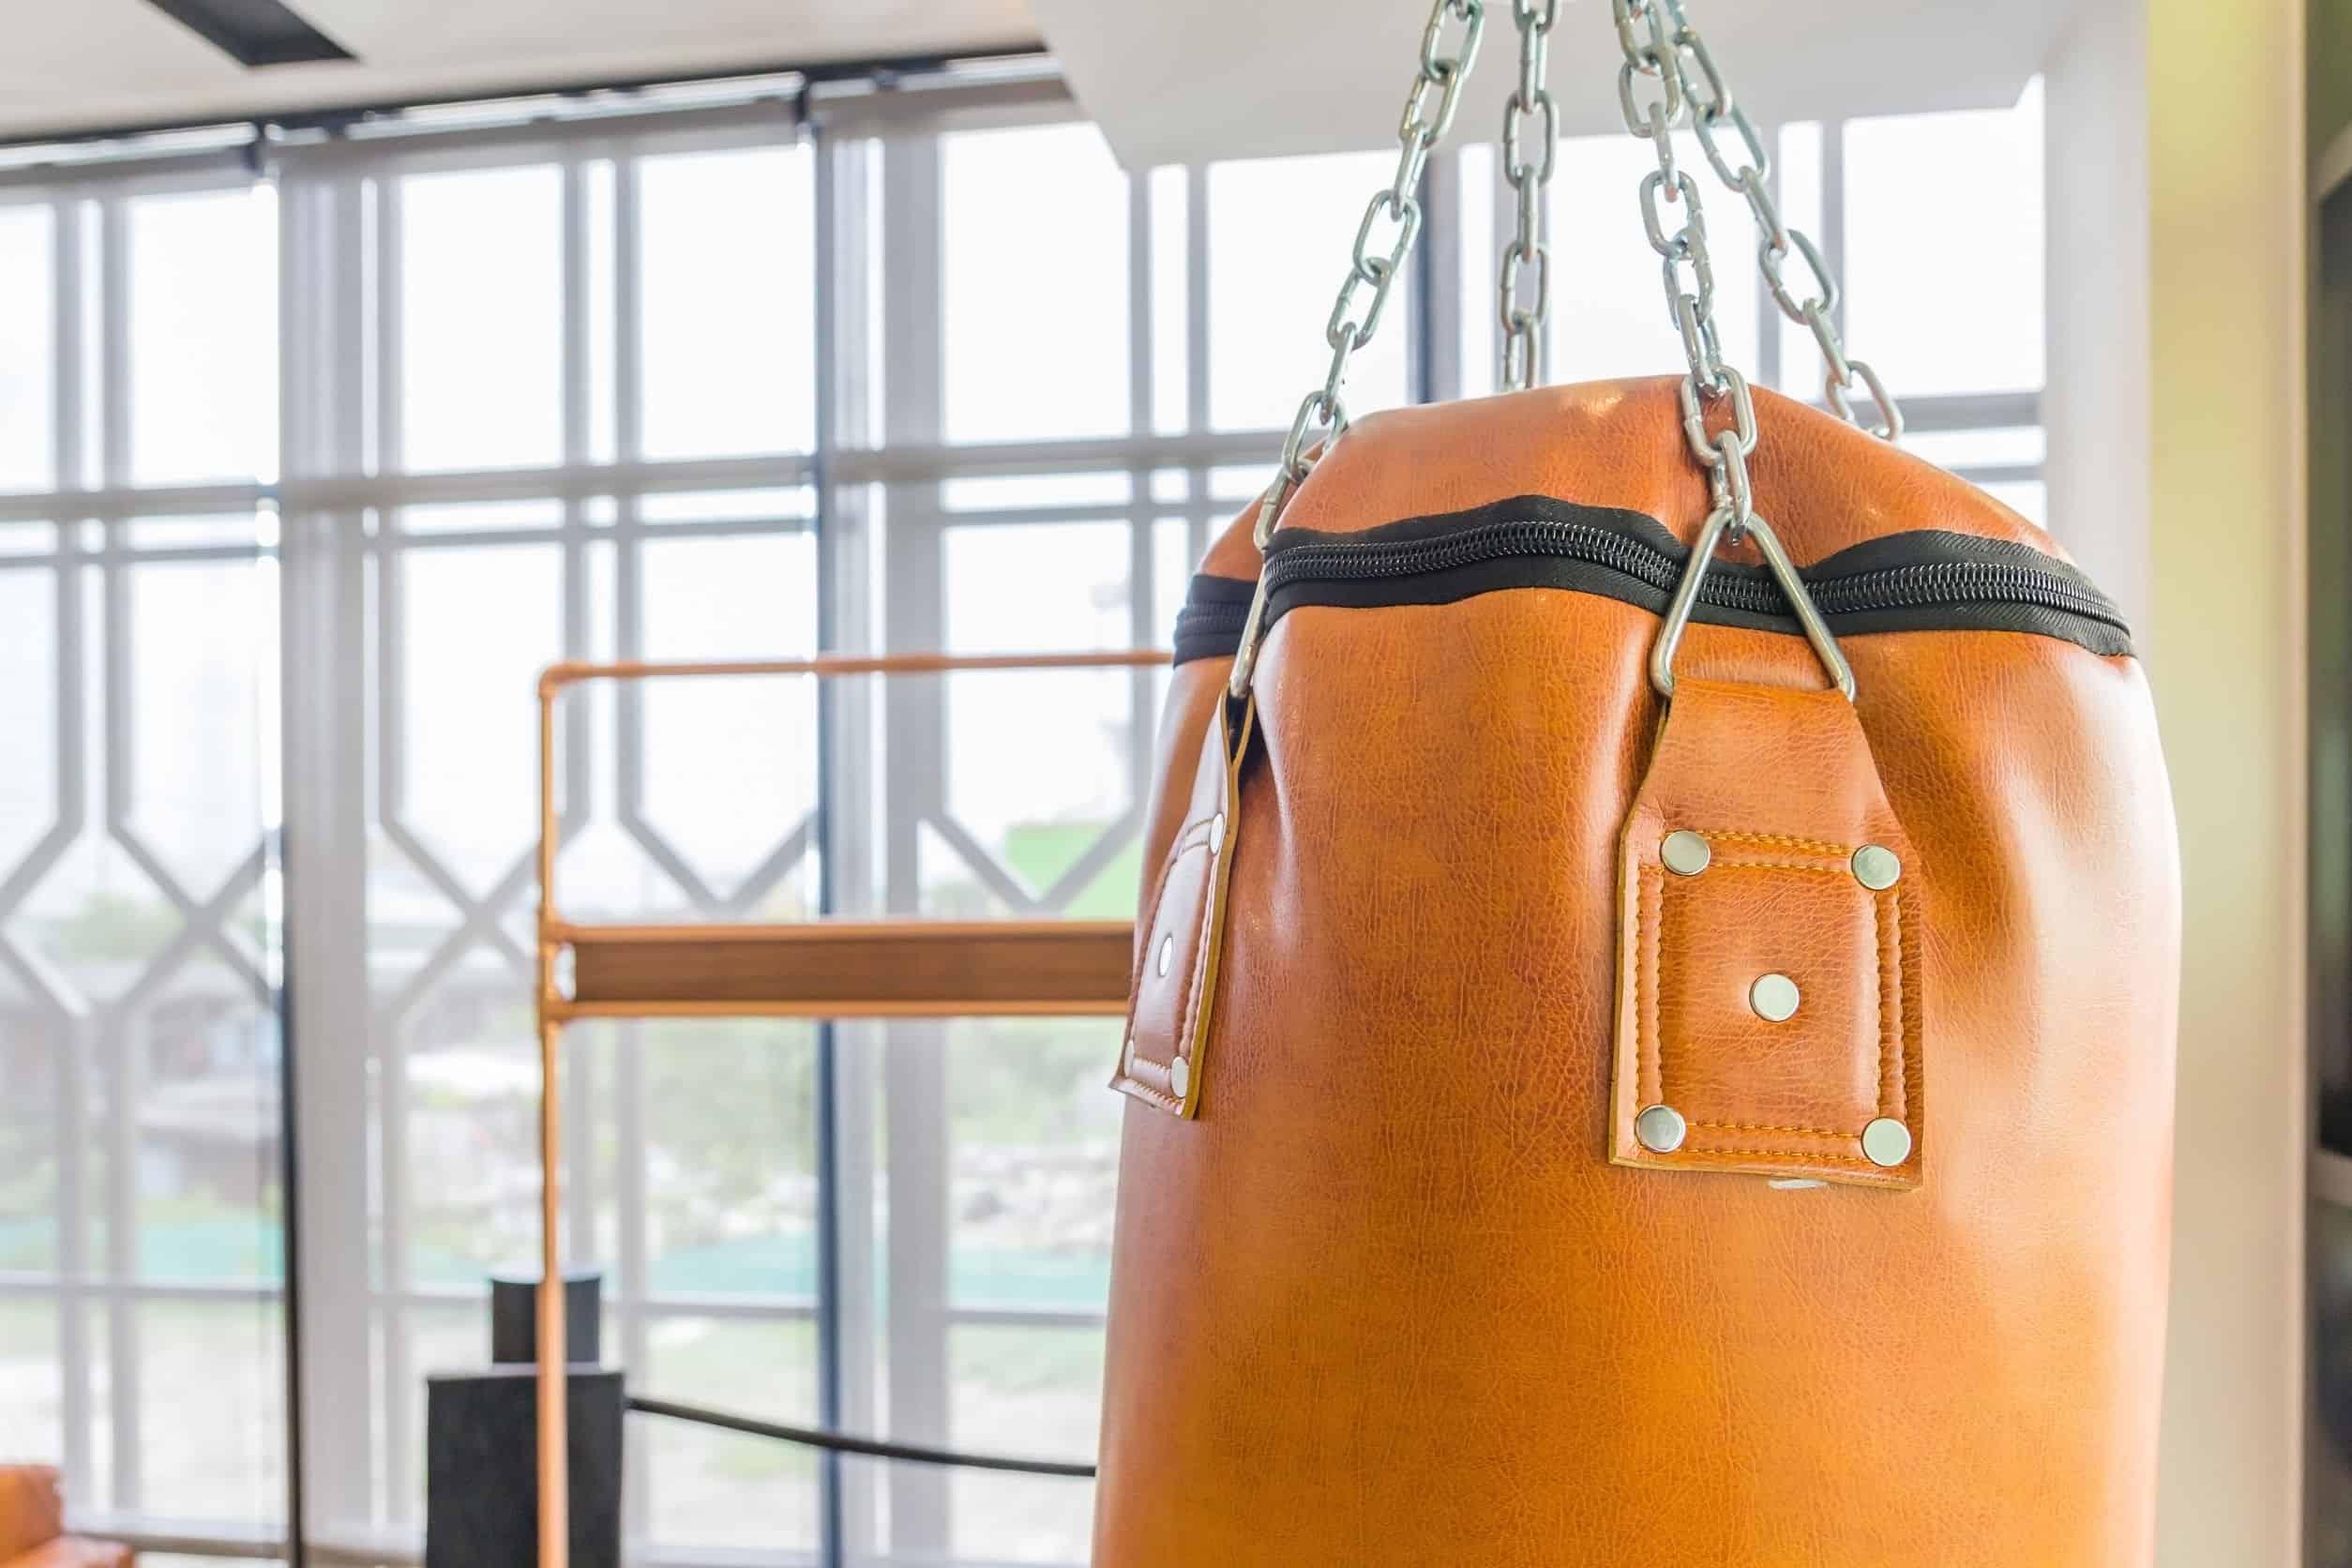 Miglior sacco da boxe 2021: Guida all'acquisto